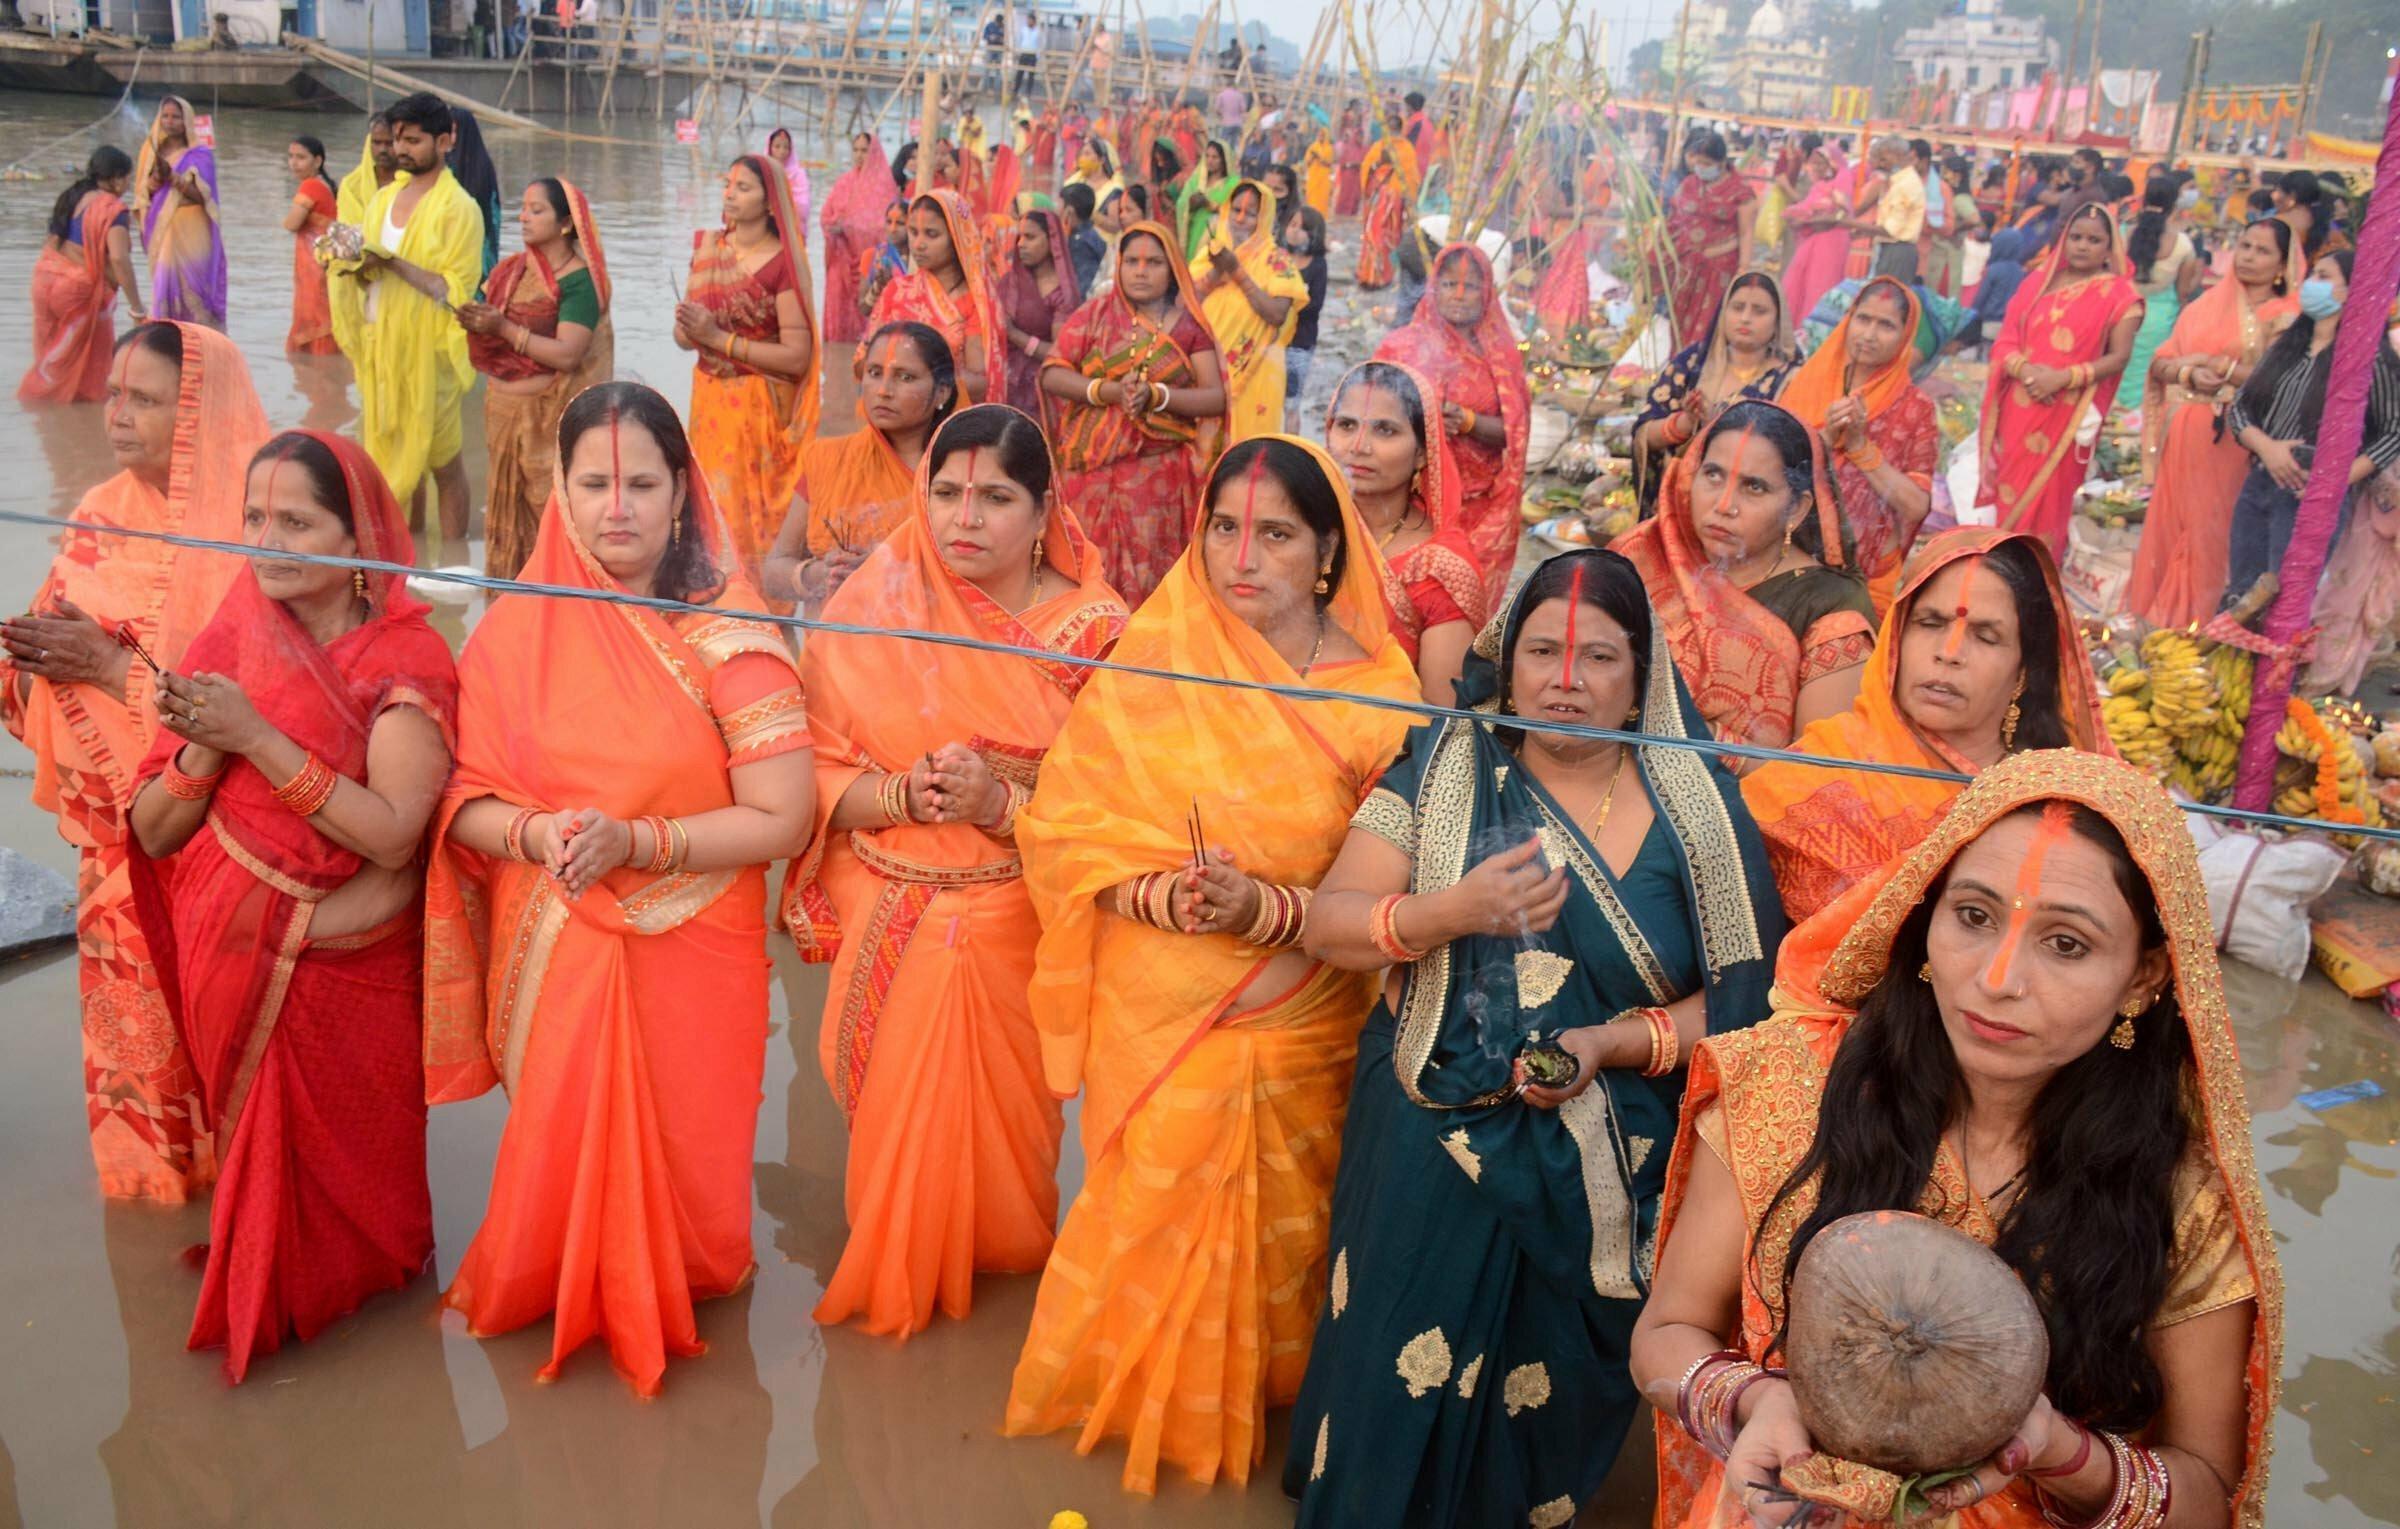 Frauen in orangefarbener und roter traditioneller Kleidung stehen im Wasser des Brahmaputra